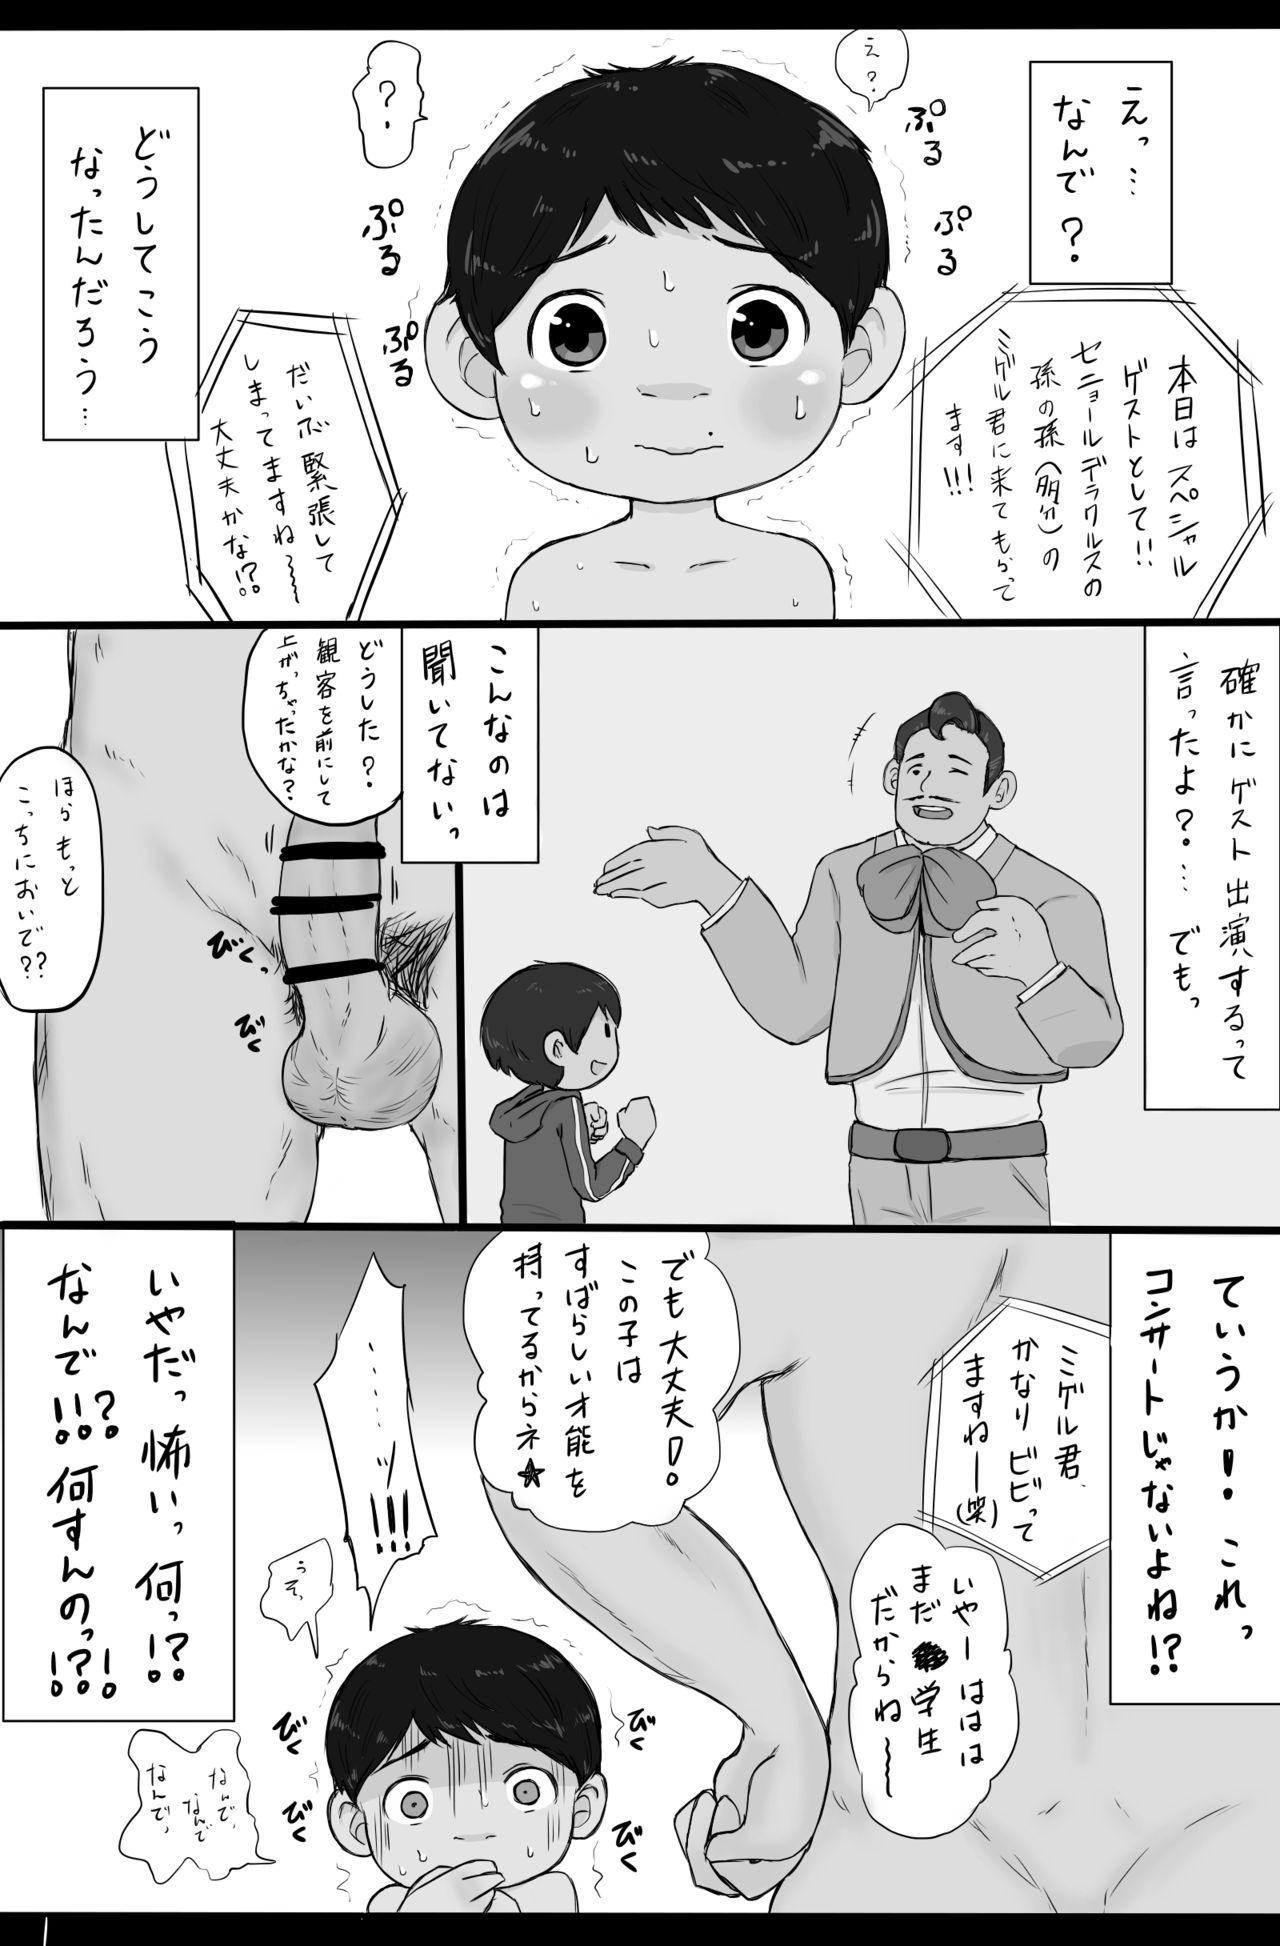 大沼信一 - Unknow Coco doujin 6 1